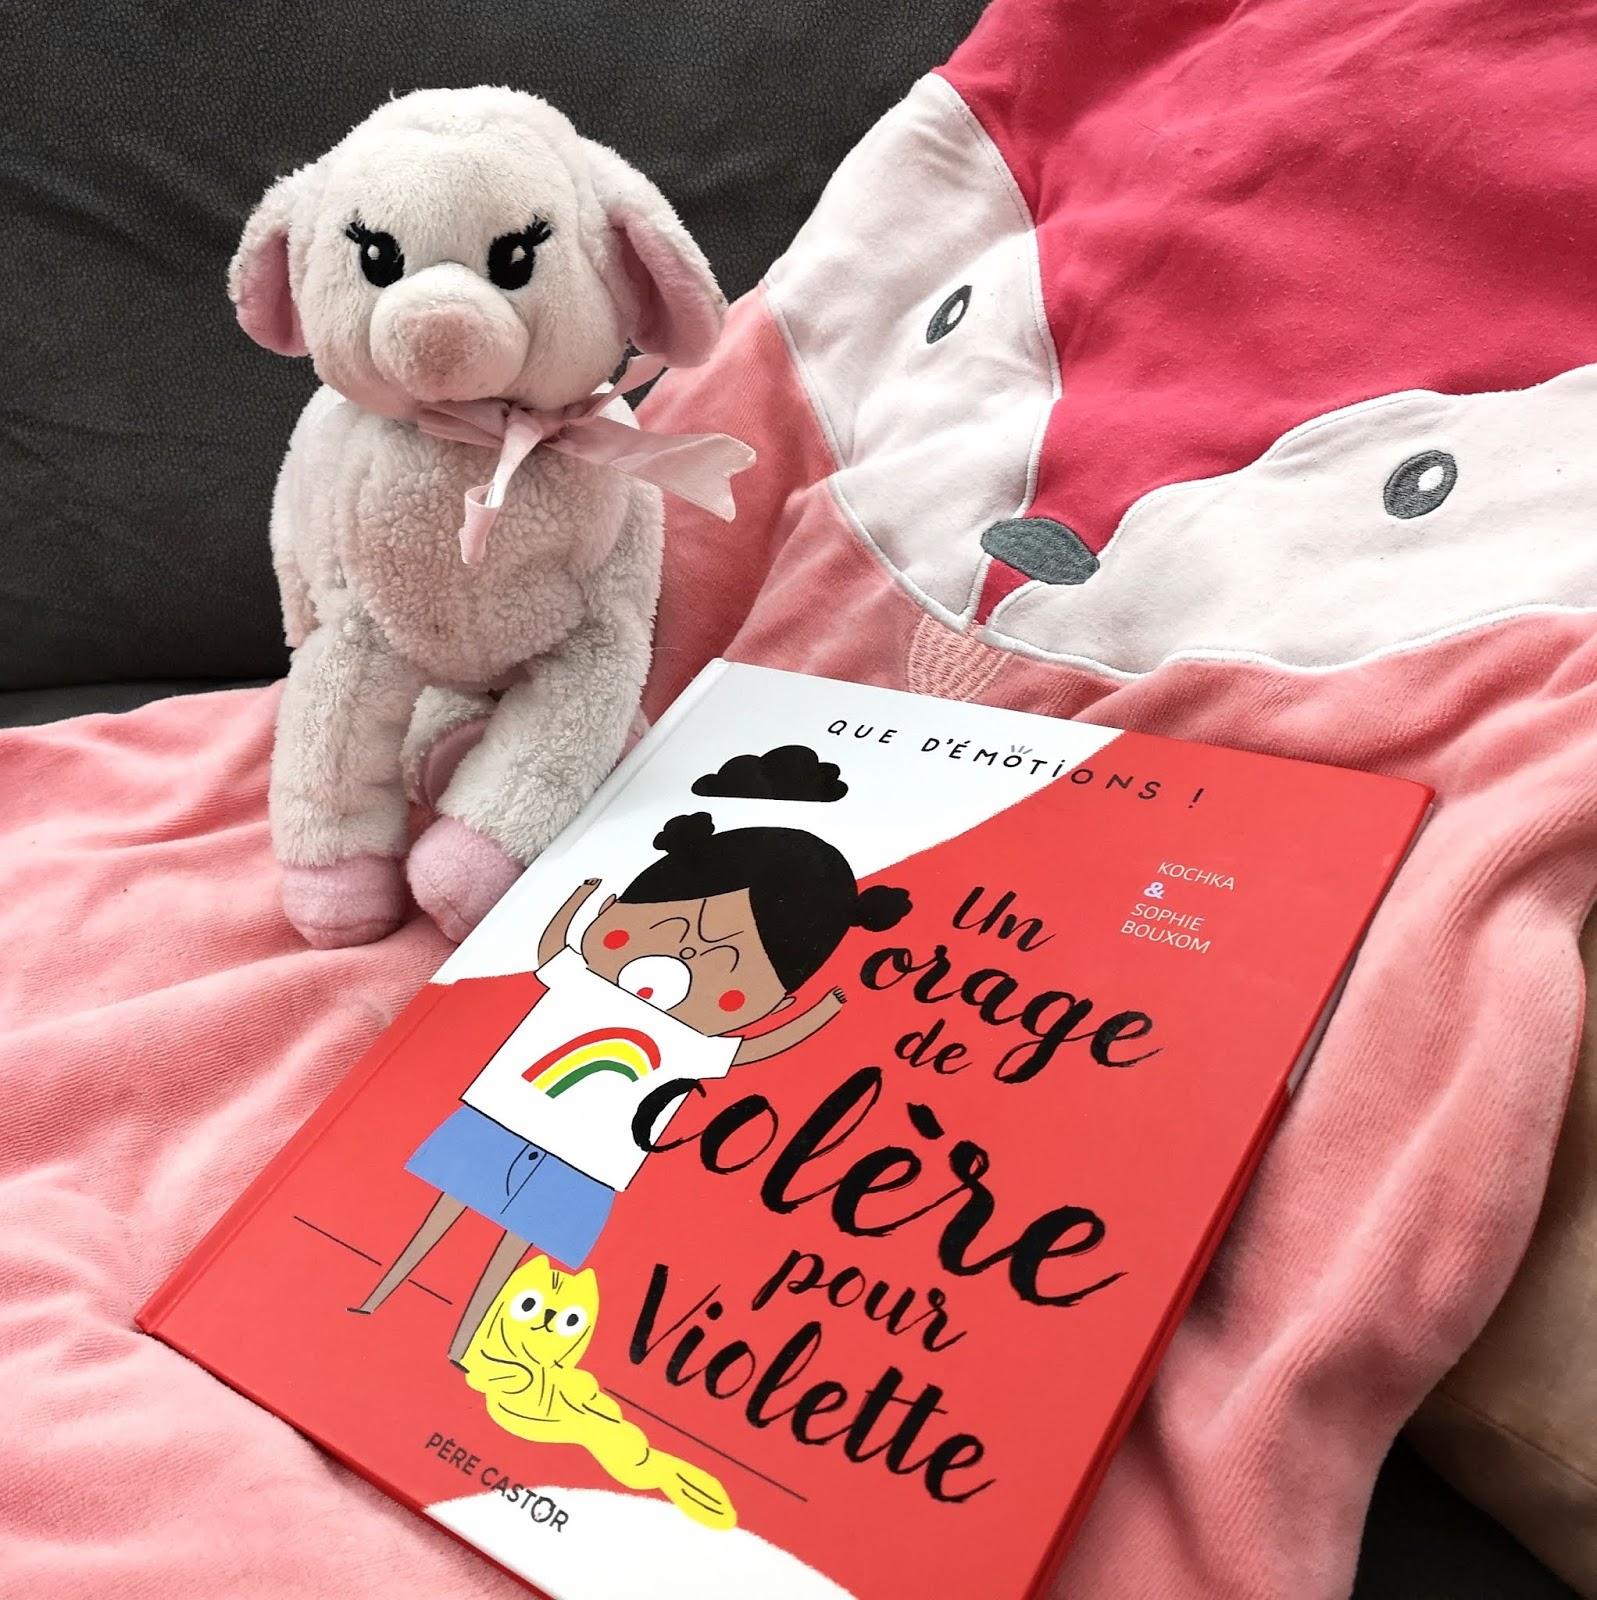 Un orage de colère pour Violette de Kochka et Sophie Bouxom